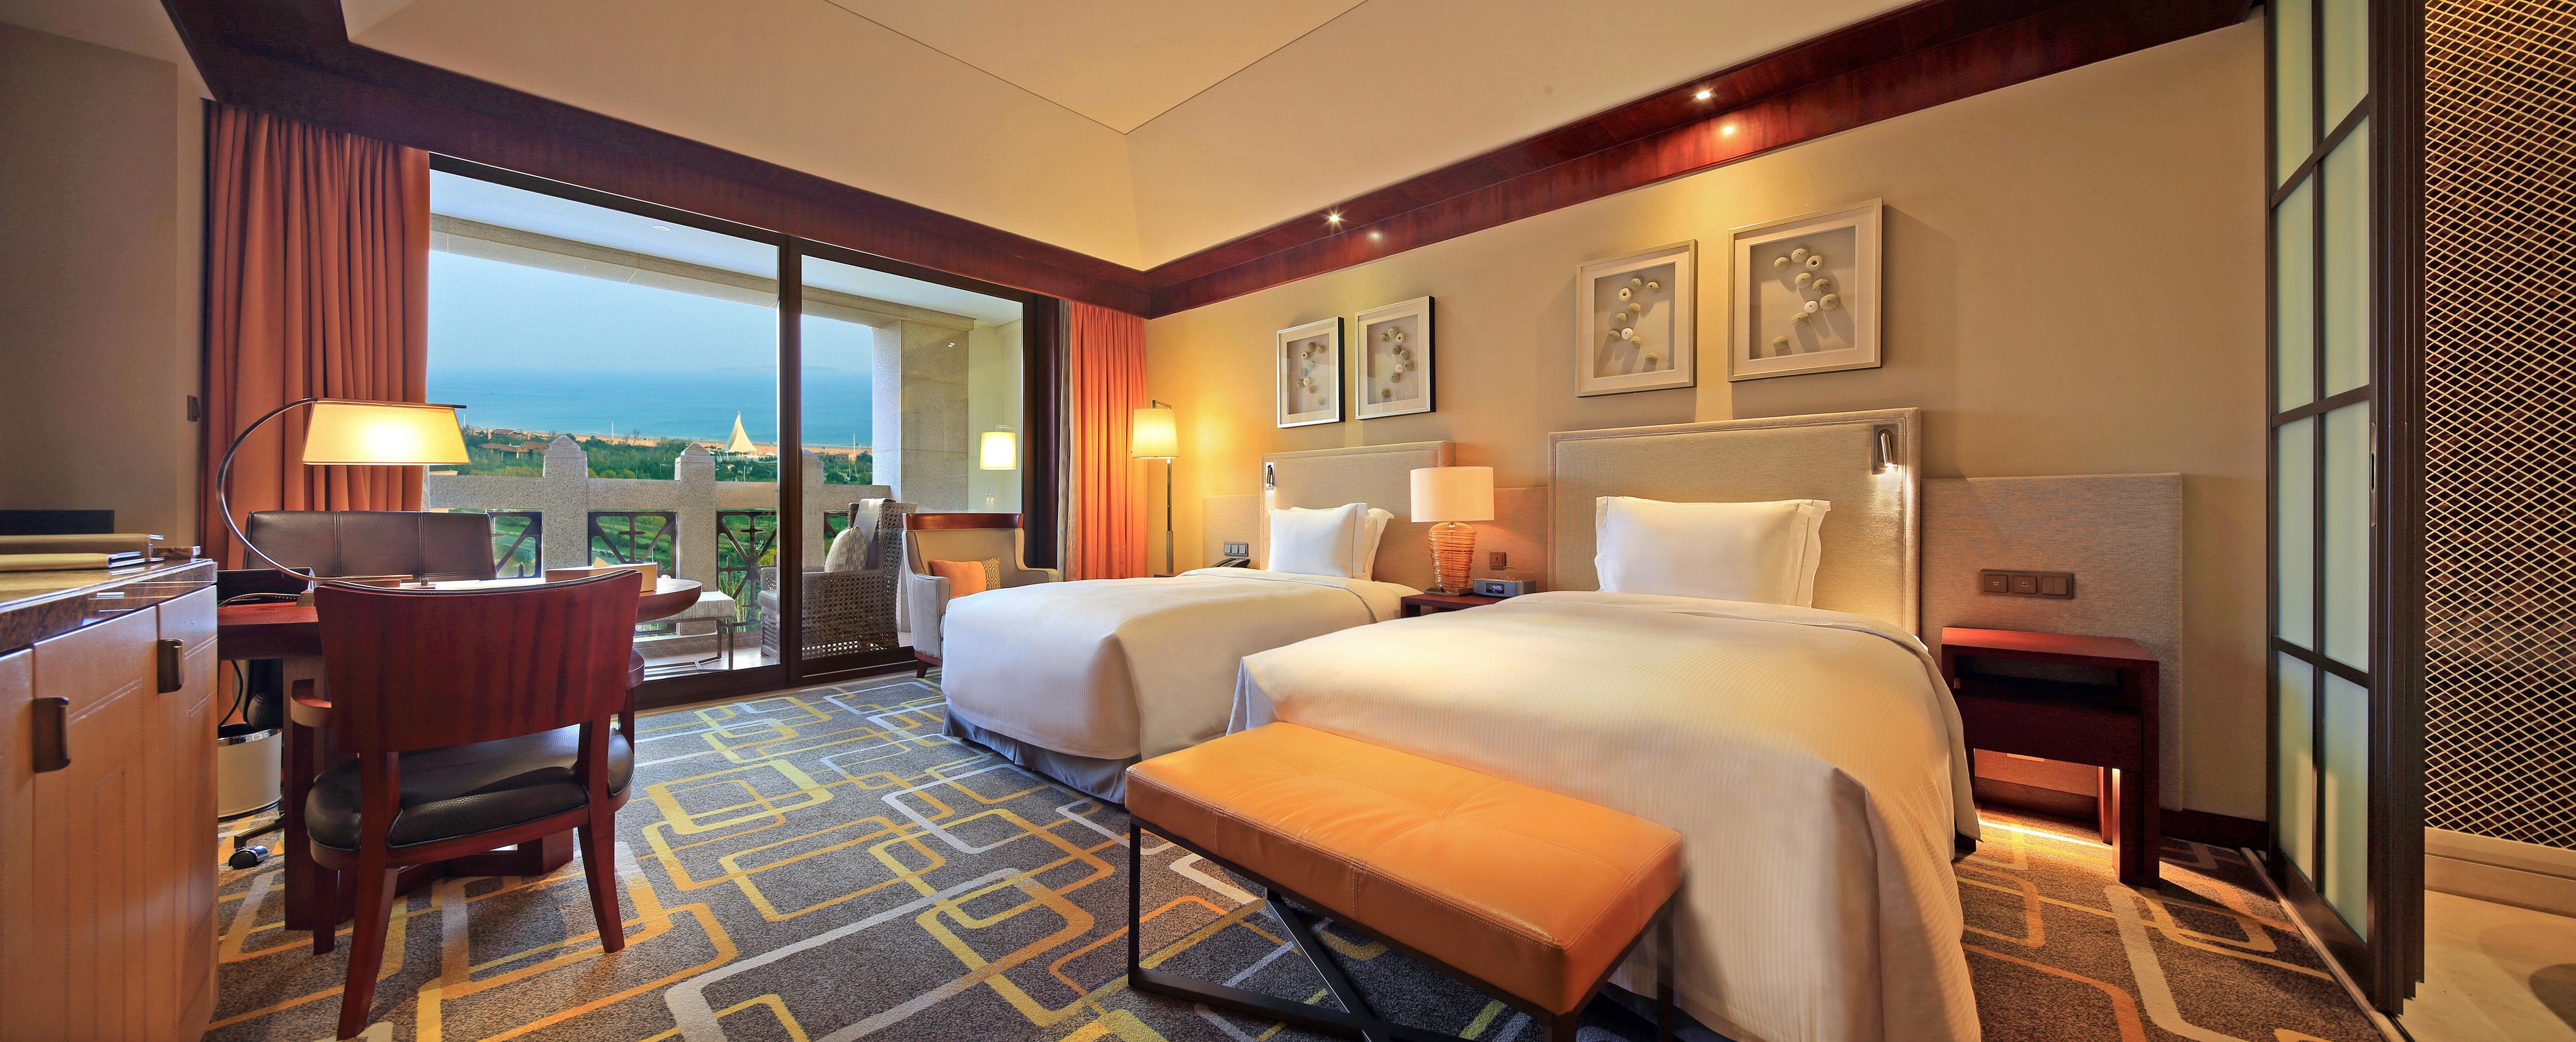 青岛金沙滩希尔顿酒店1晚+珠山杜鹃赏